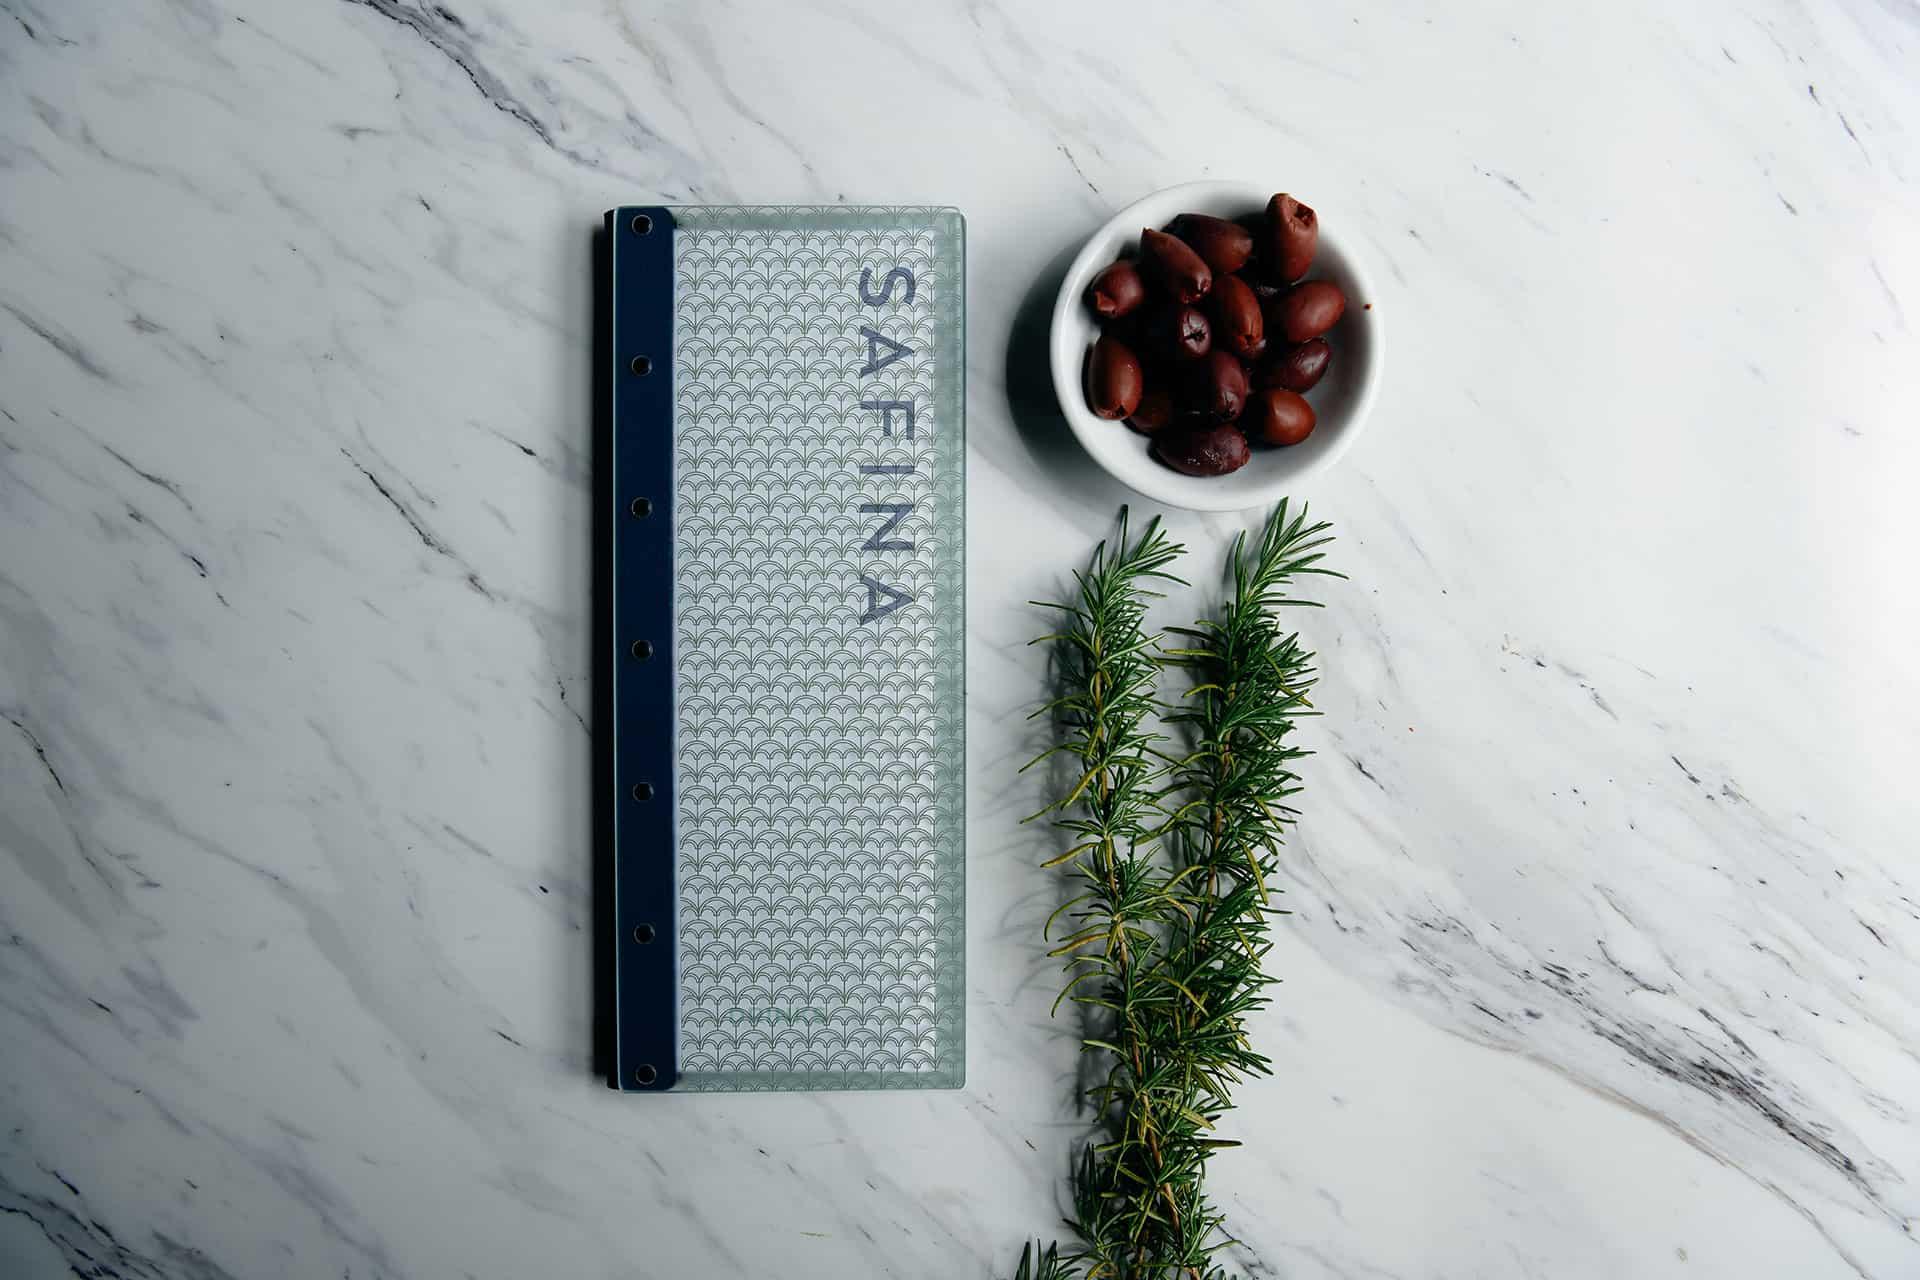 Safina Mediterranean restaurant branding and concept development menu design